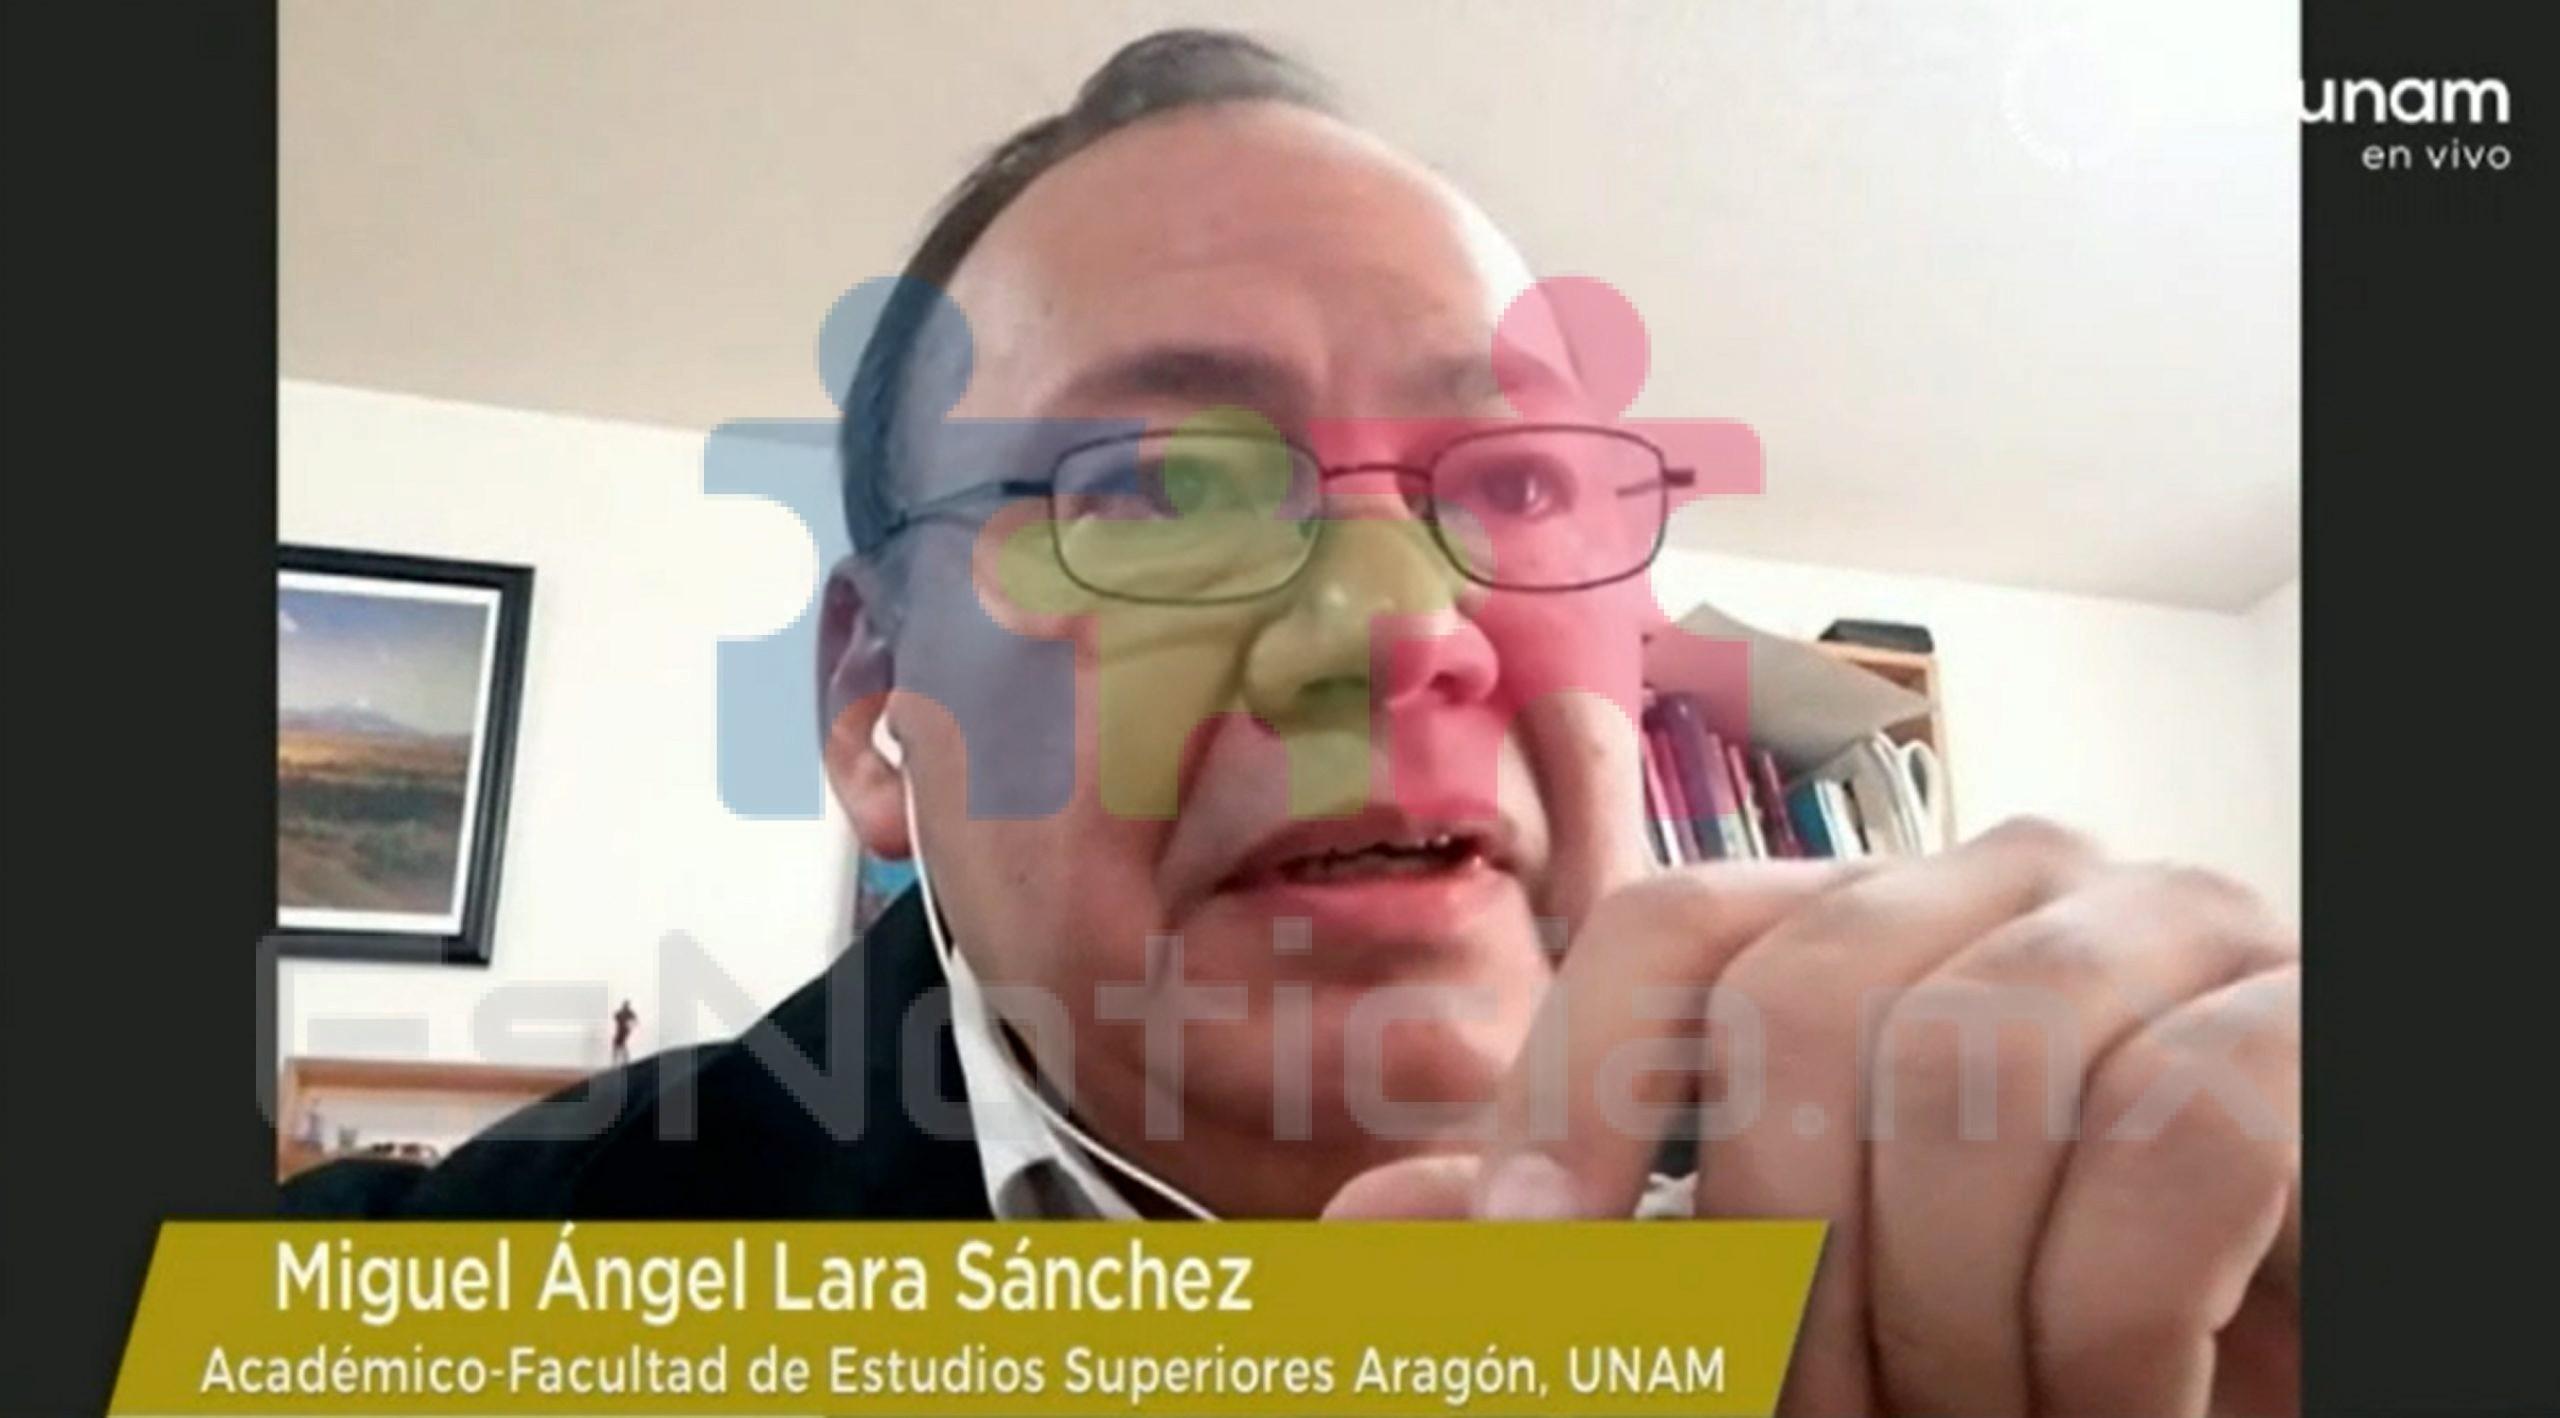 TRABAJO ESTRATÉGICO PARA REIMPULSAR LA ECONOMÍA Y EL EMPLEO EN MÉXICO